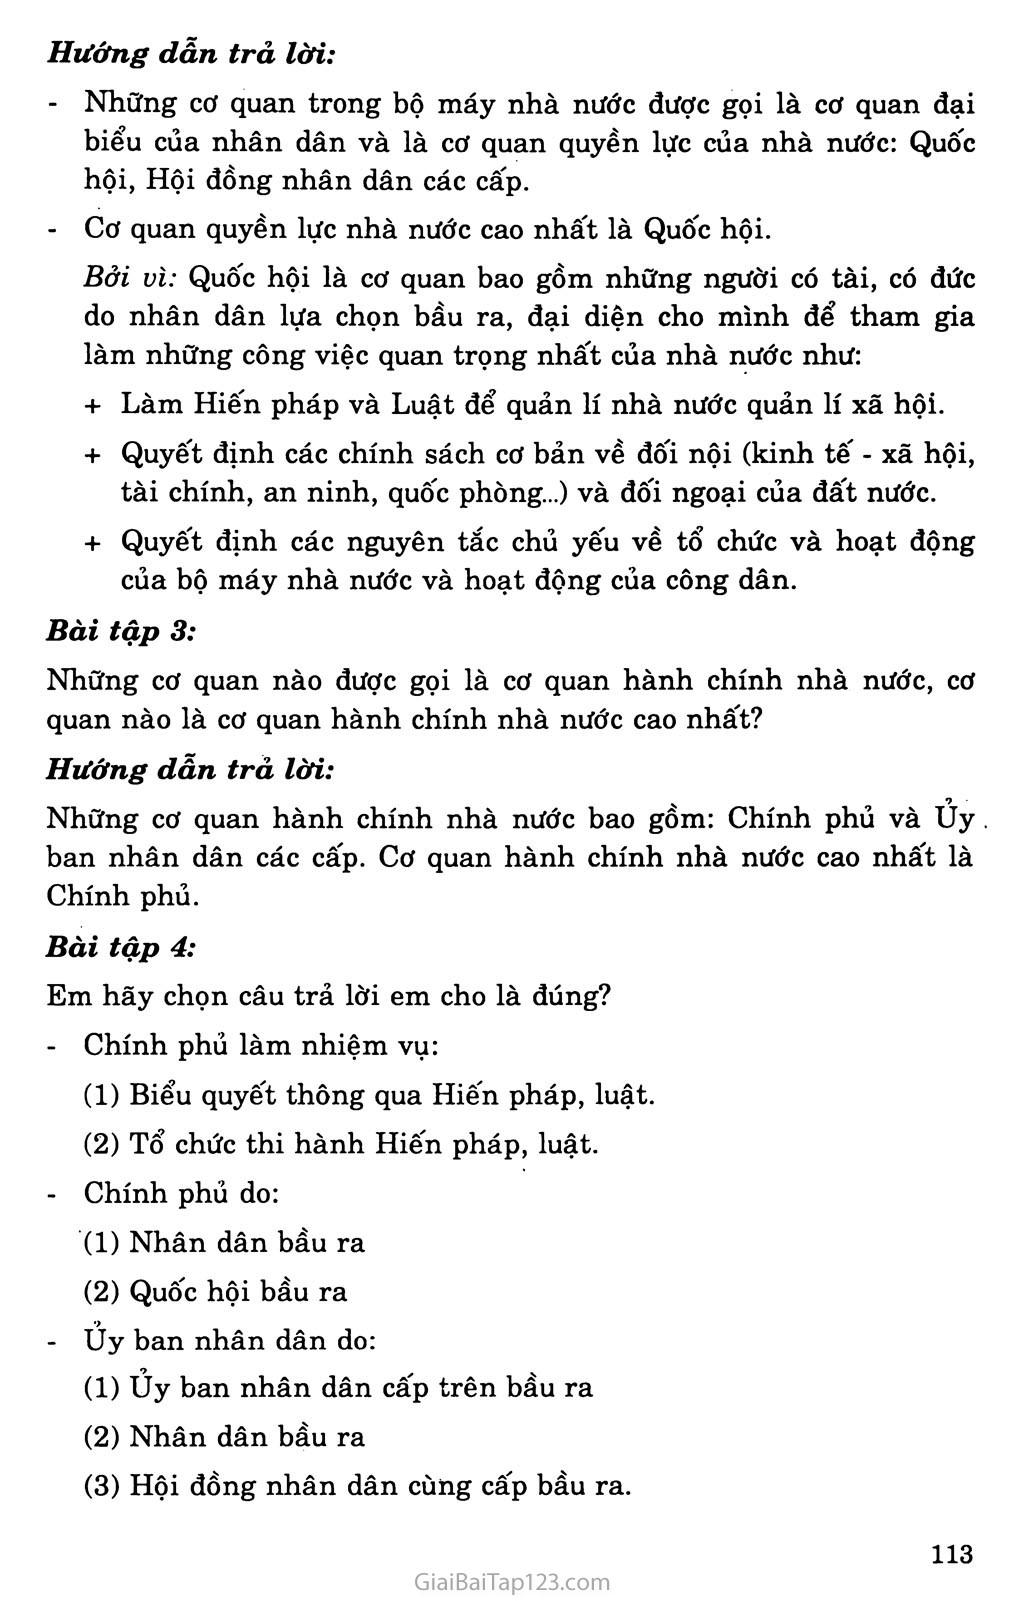 Bài 17: Nhà nước Cộng hòa xã hội chủ nghĩa Việt Nam trang 9